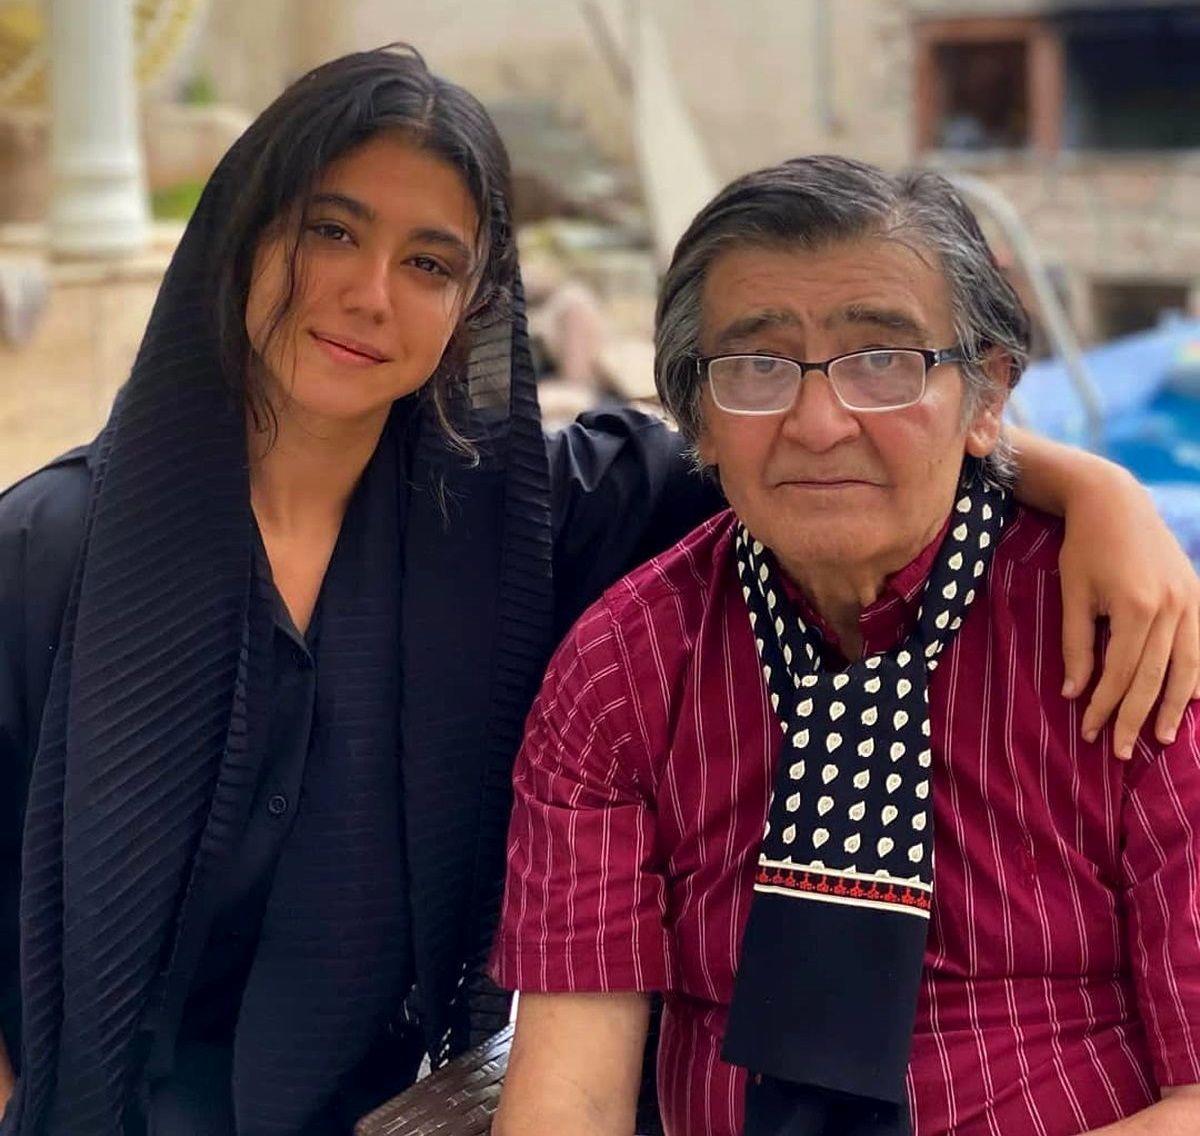 بیوگرافی رضا رویگری و همسر 26 ساله اش + عکس